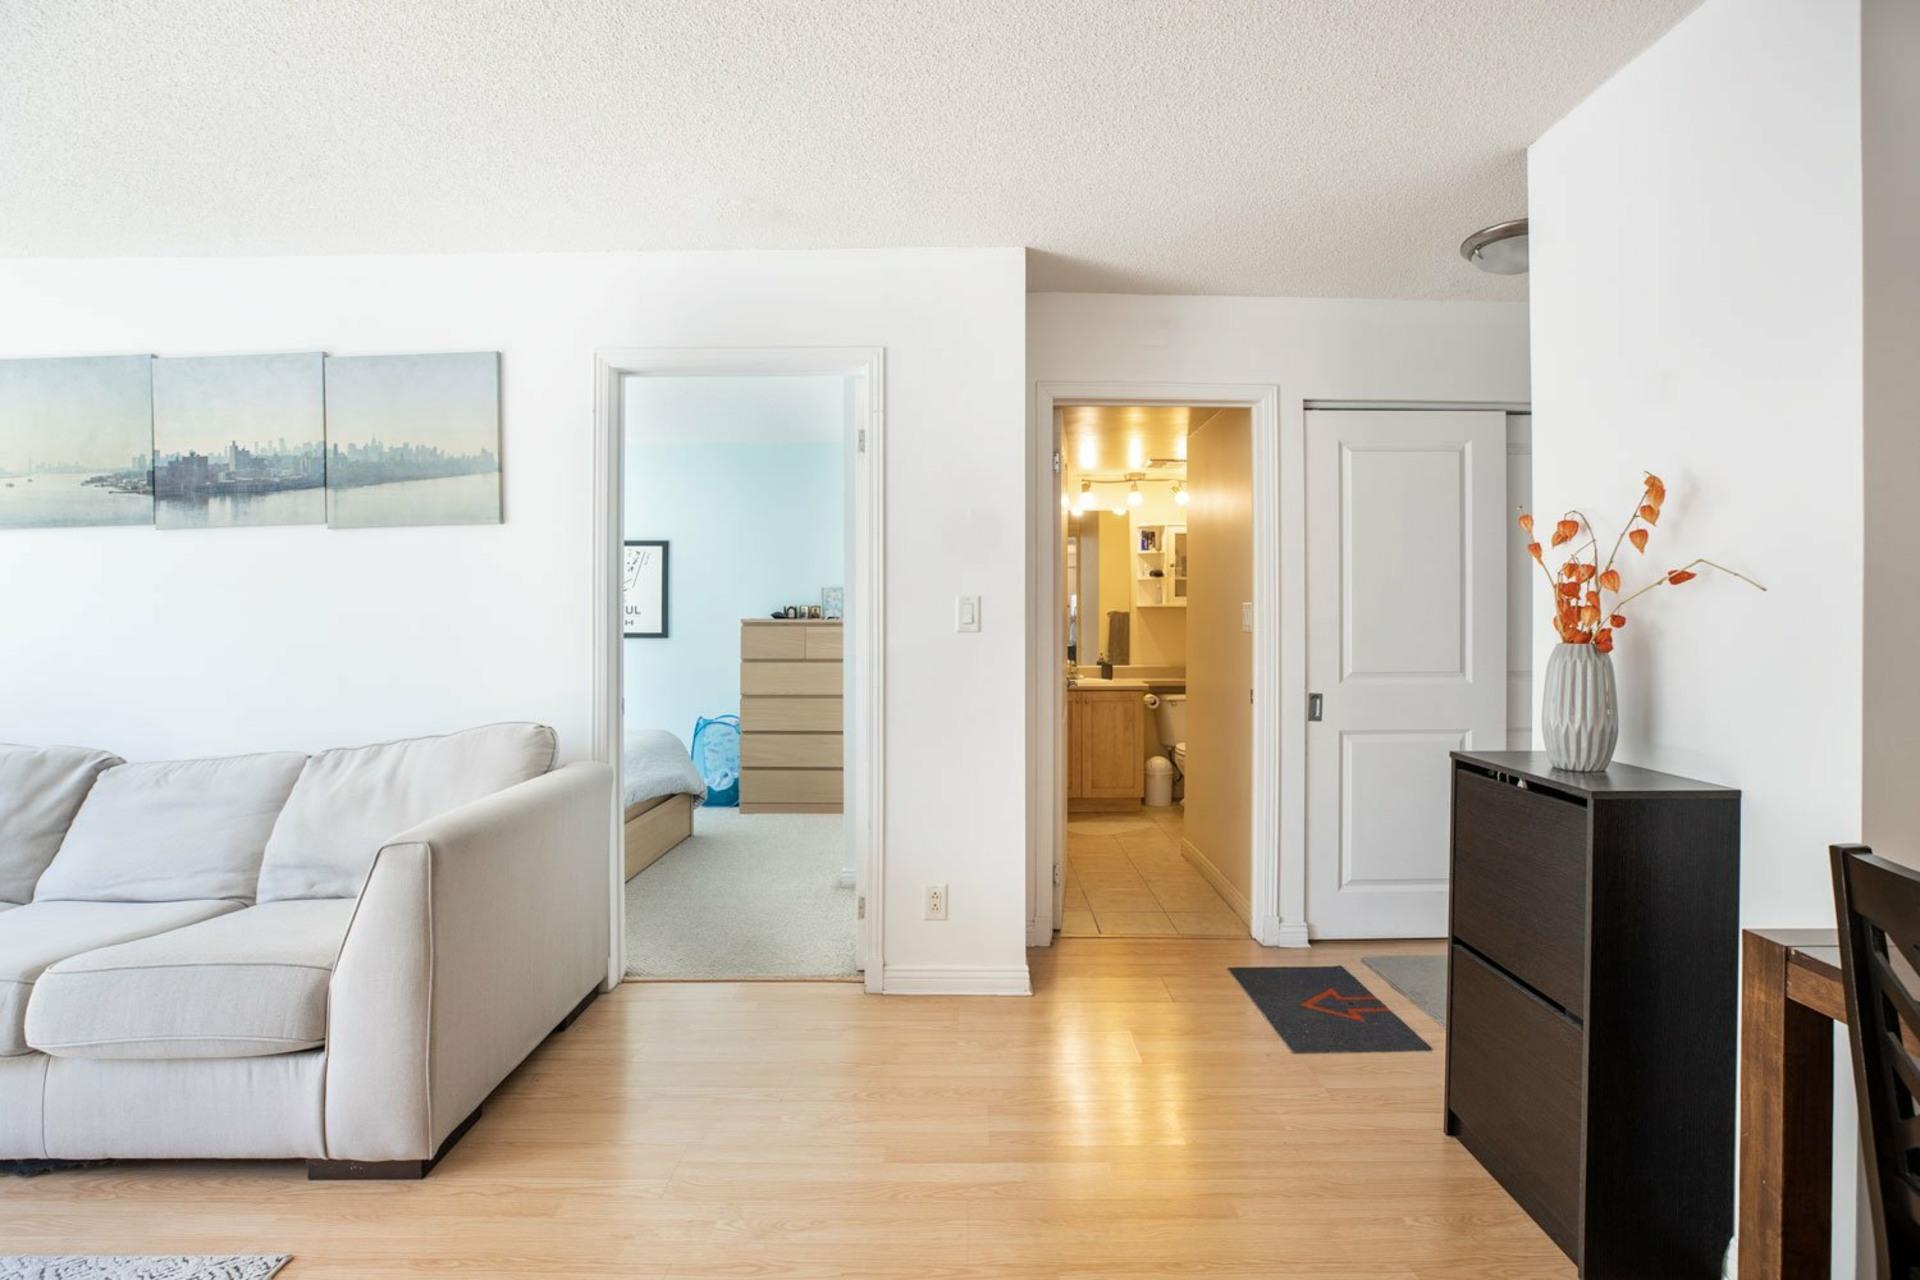 image 9 - Appartement À vendre Ville-Marie Montréal  - 4 pièces